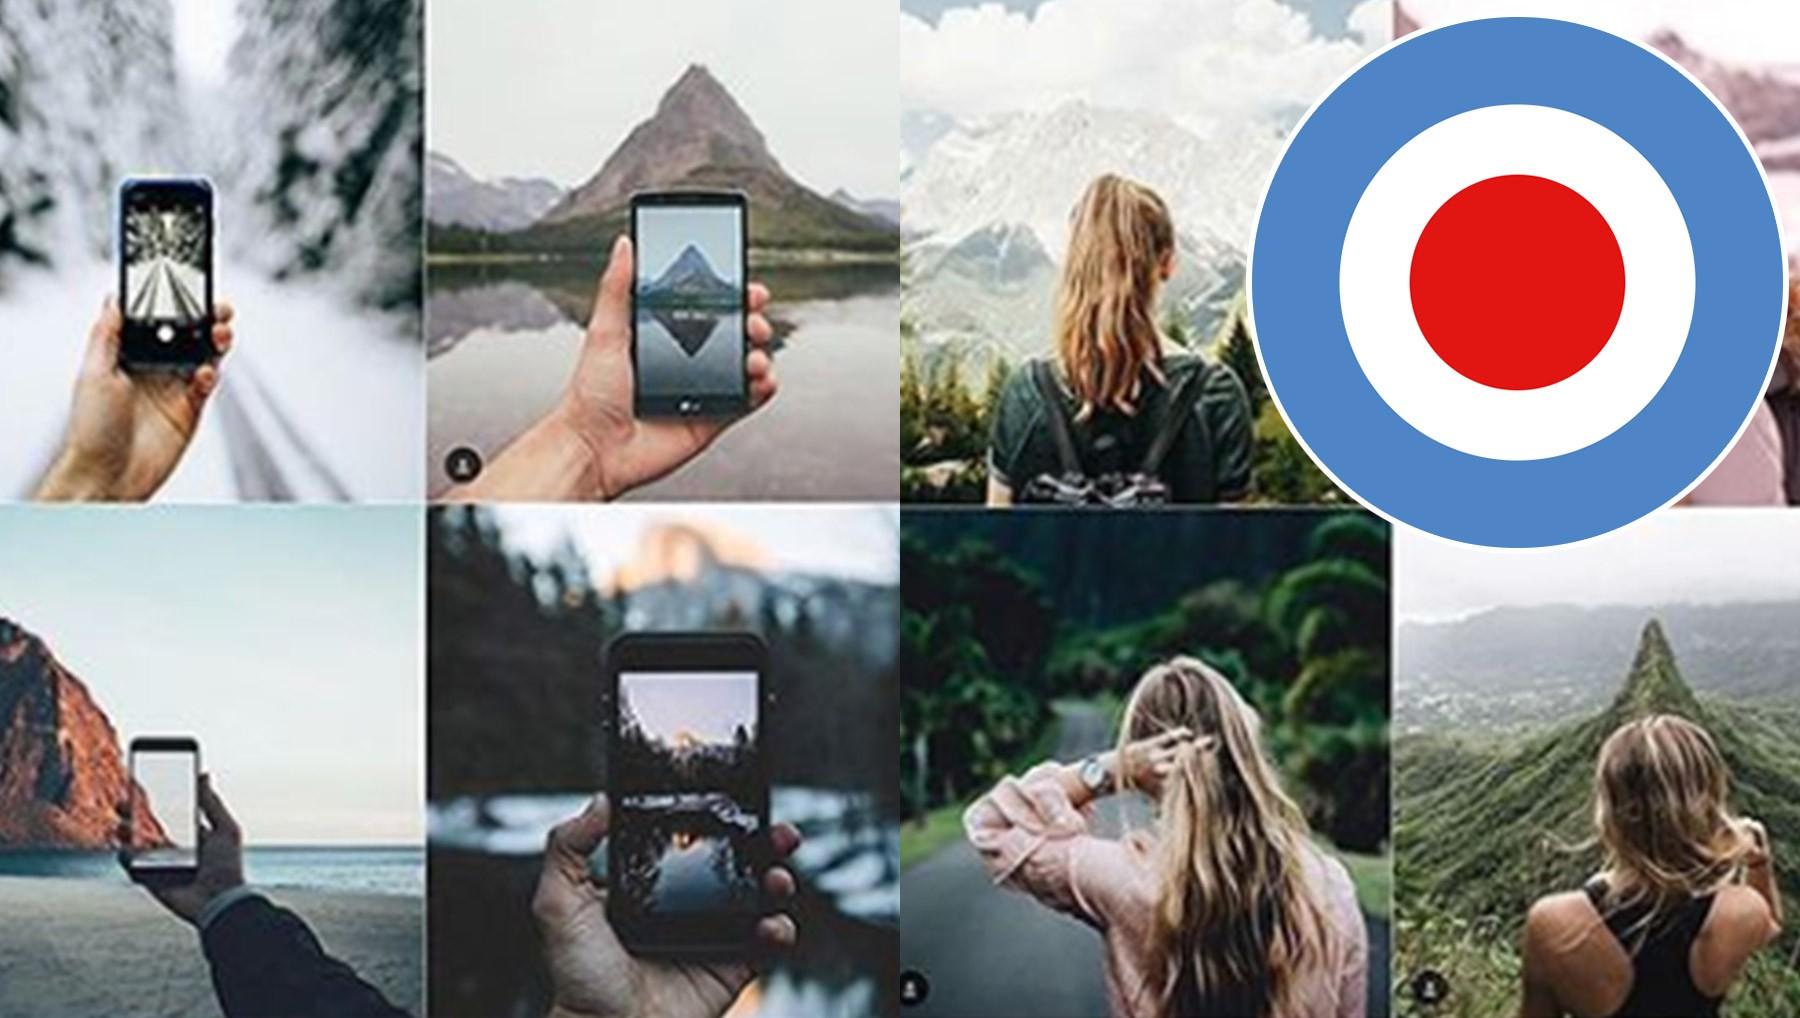 5aa830296df4 Auf Instagram machen alle die gleichen Fotos